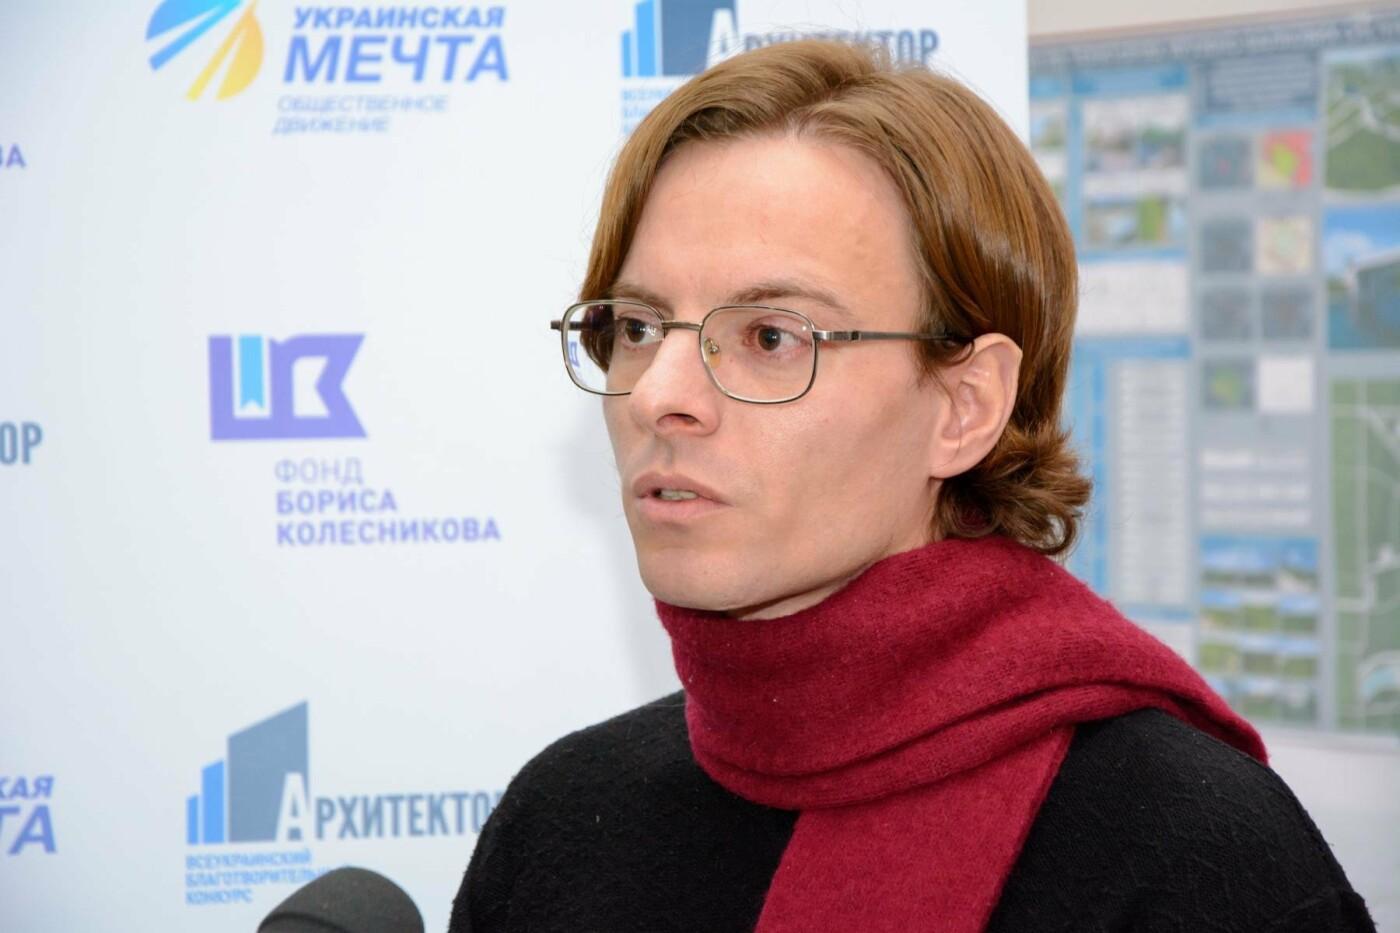 Открыт престижный конкурс «Архитектор 2018» для талантливых украинских студентов, фото-10